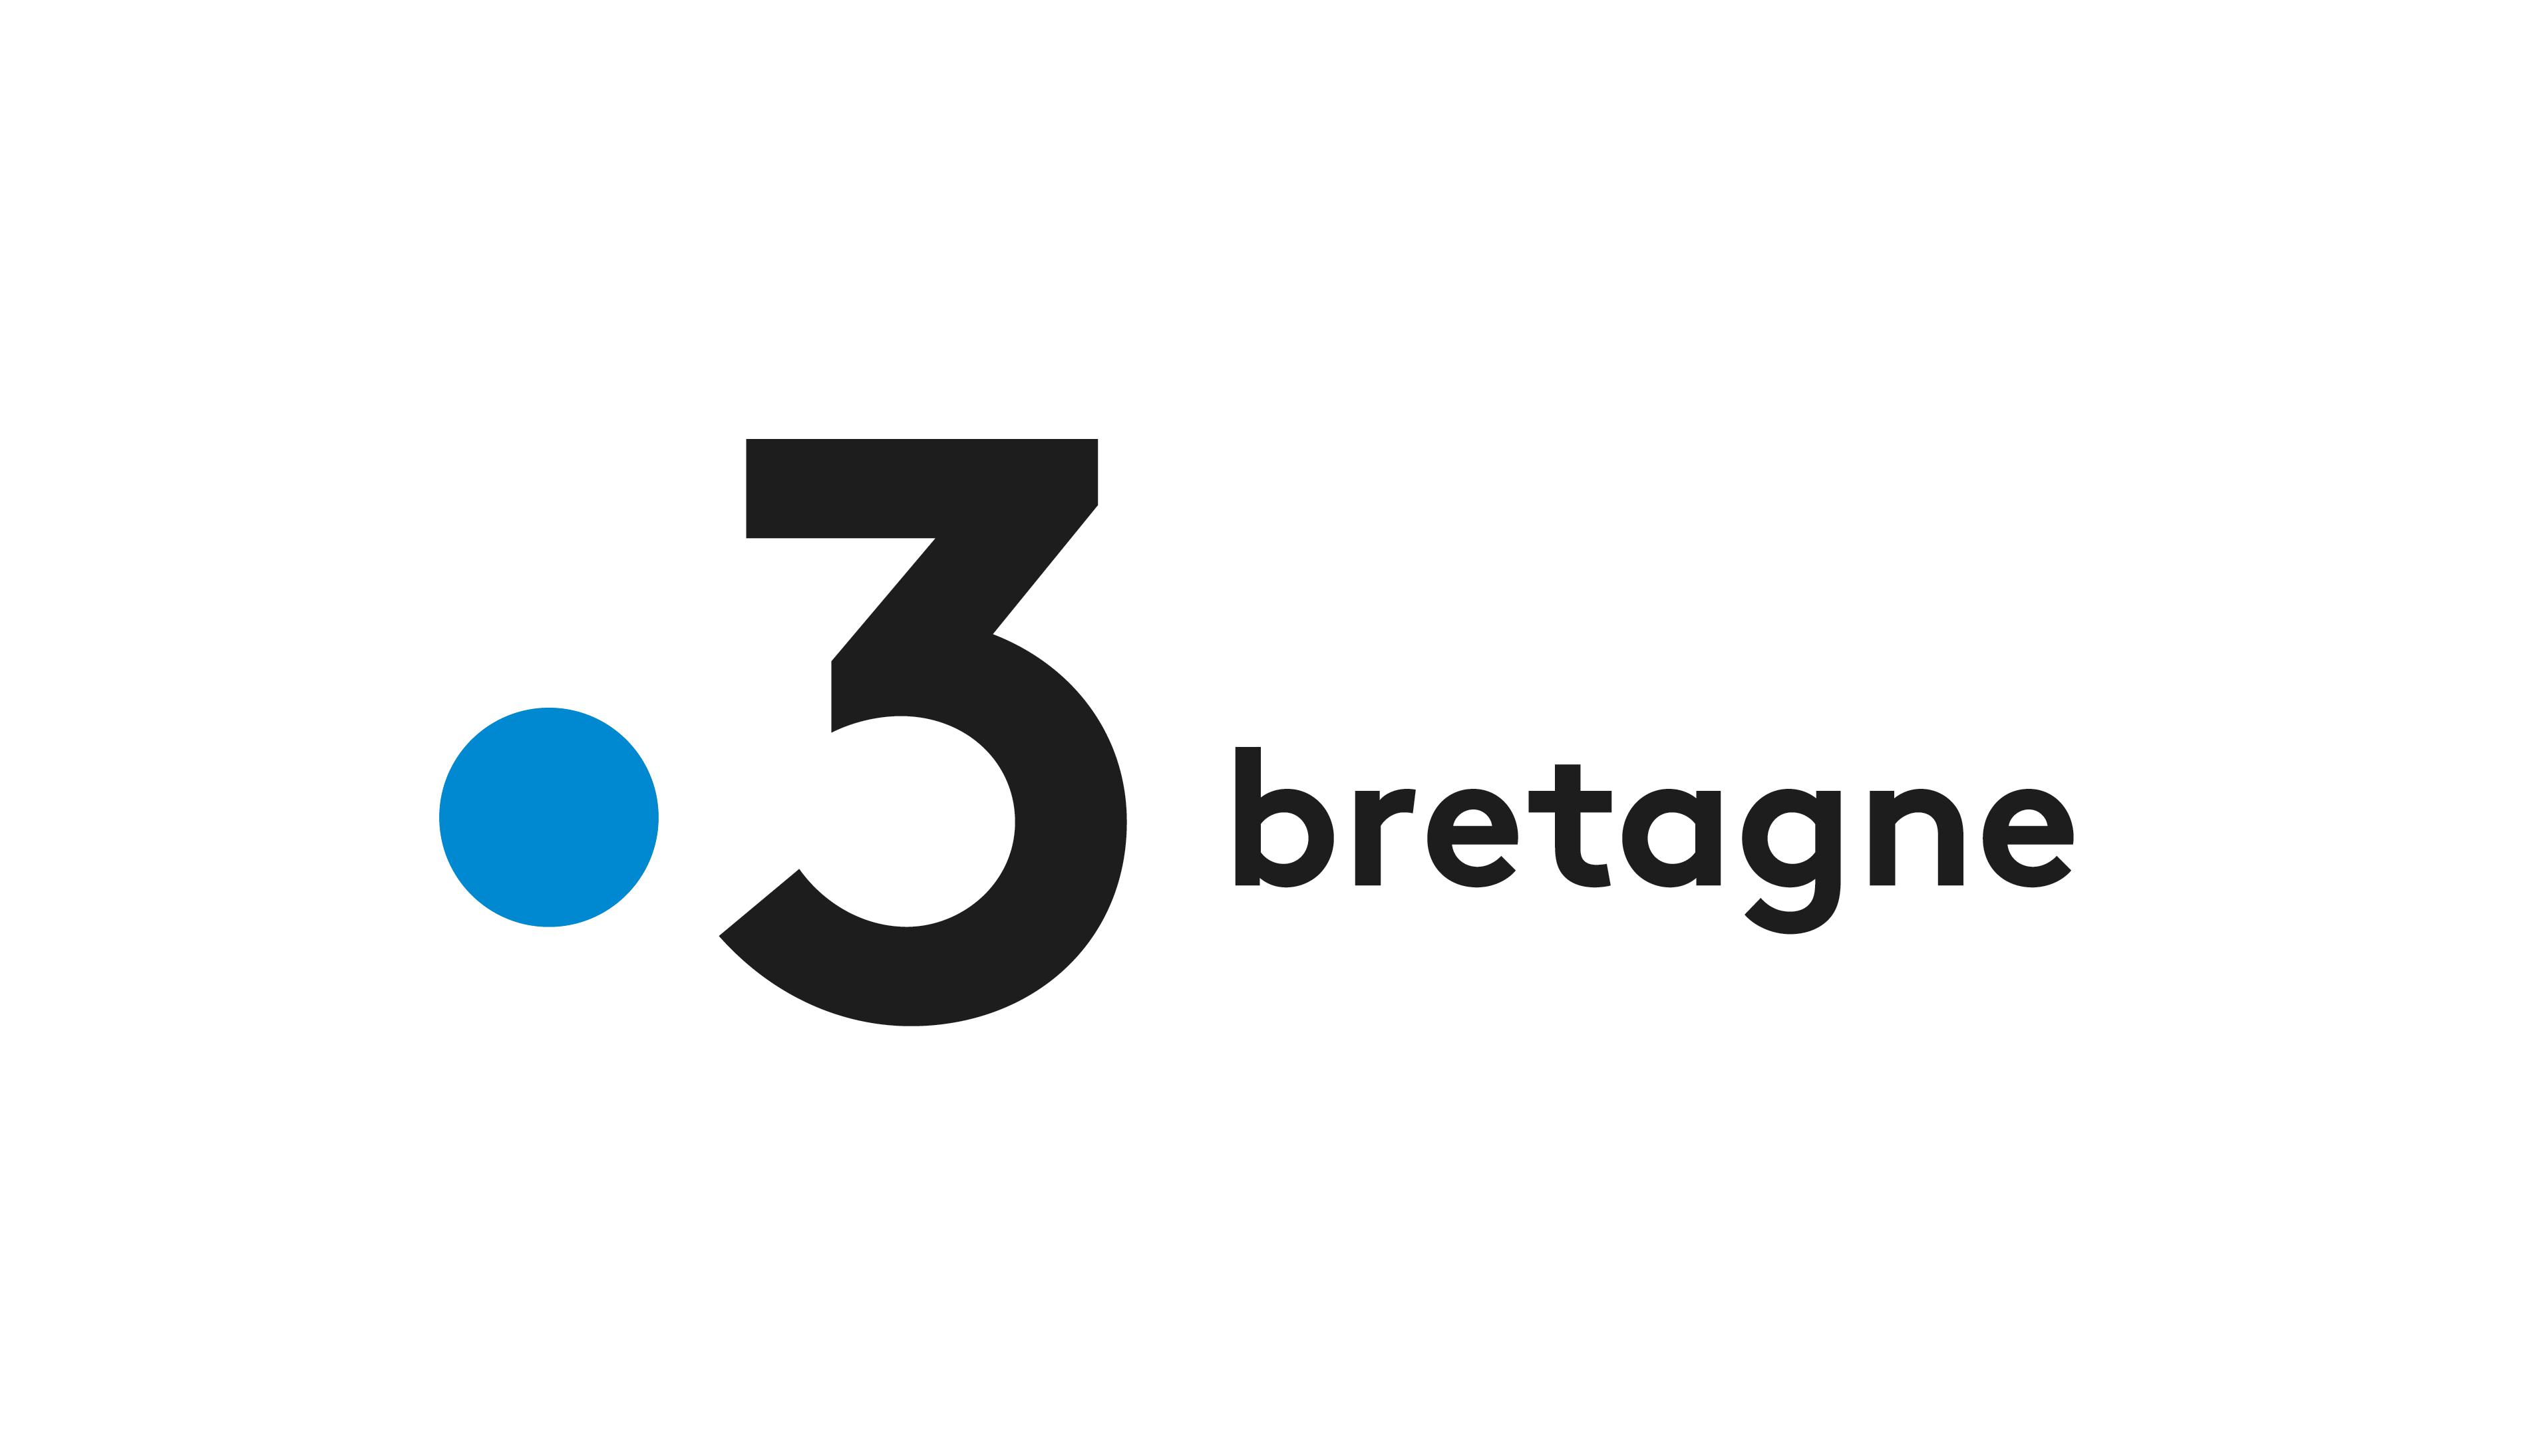 ITINÉRAIRES BRETAGNE